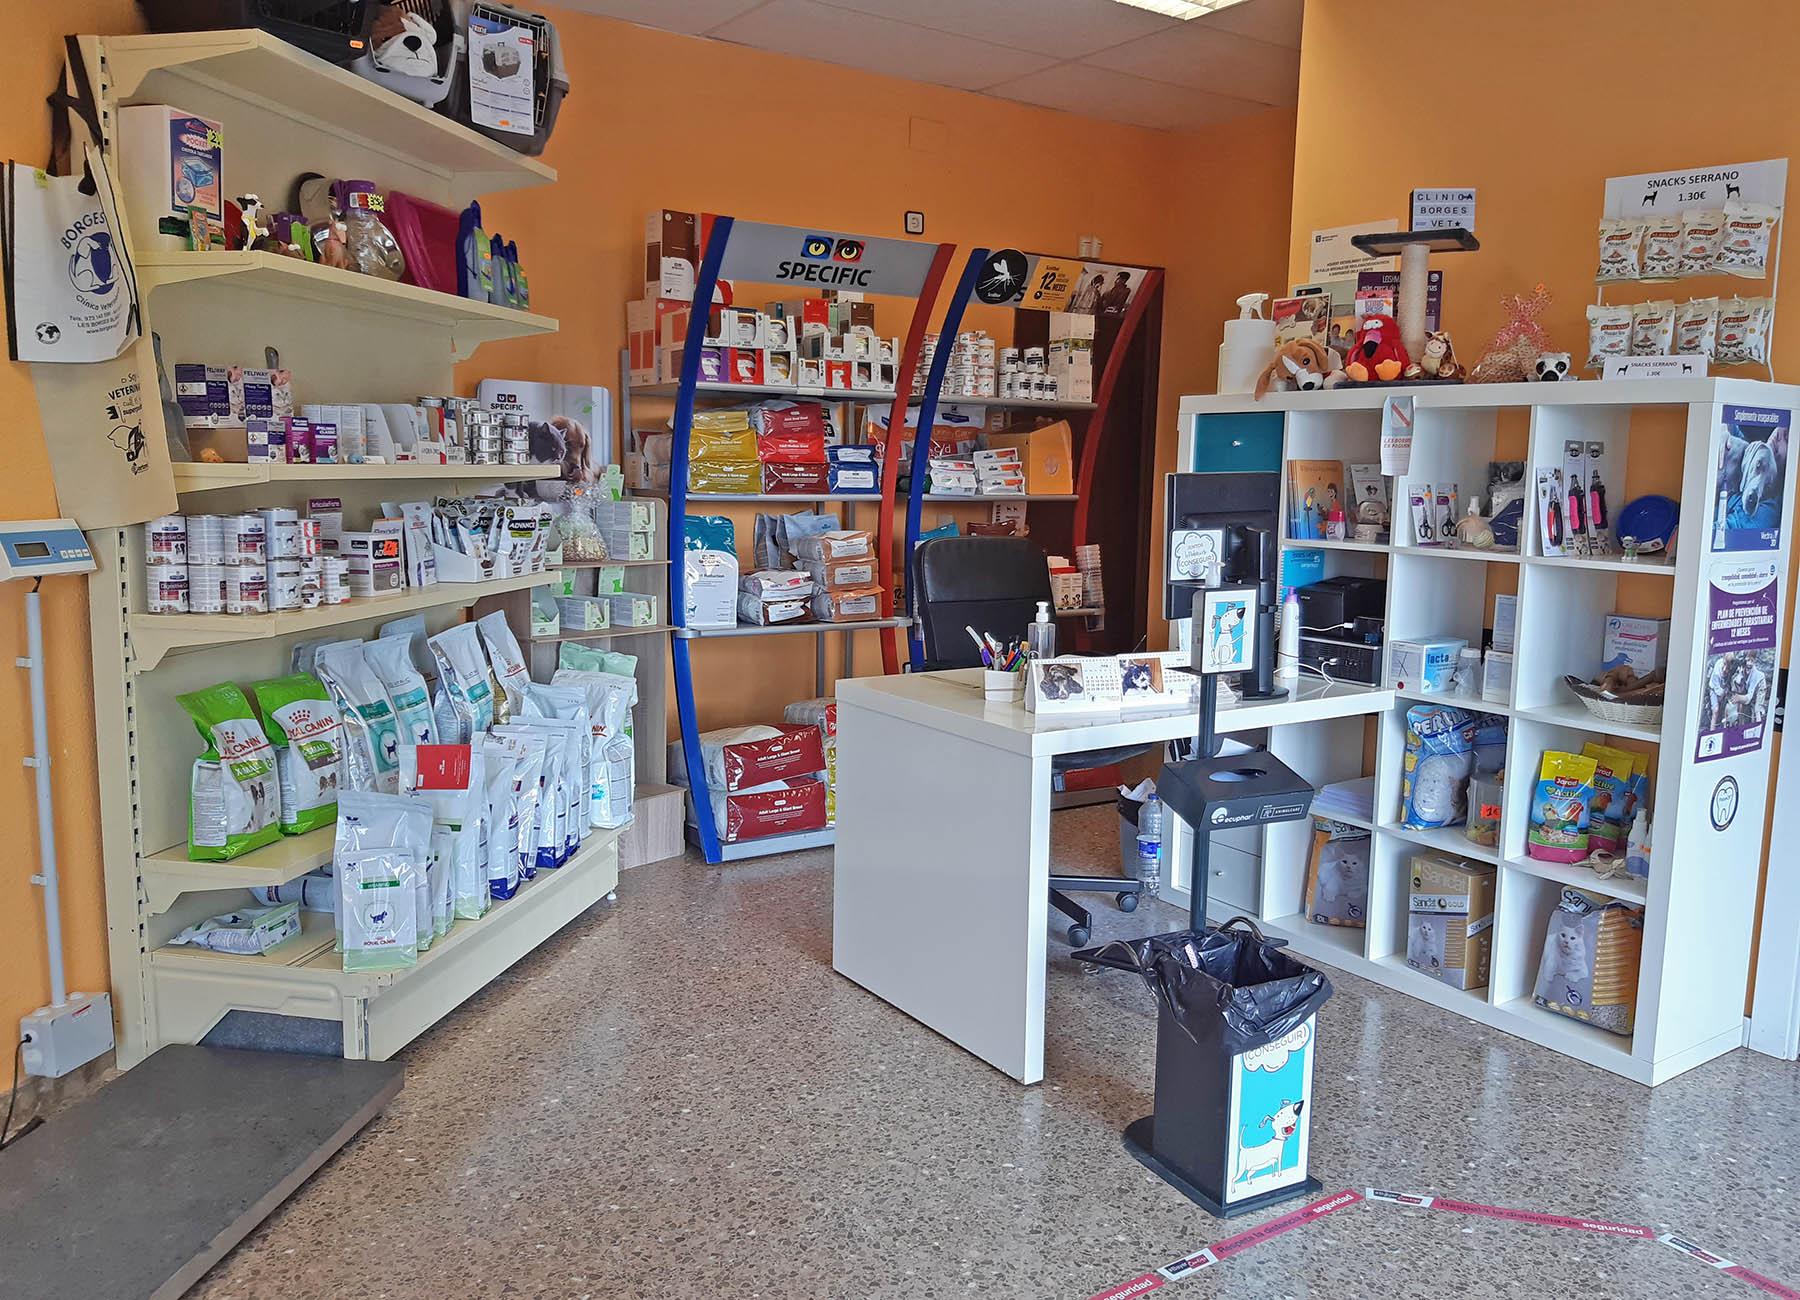 Instalaciones Borges Vet: Tienda especializada